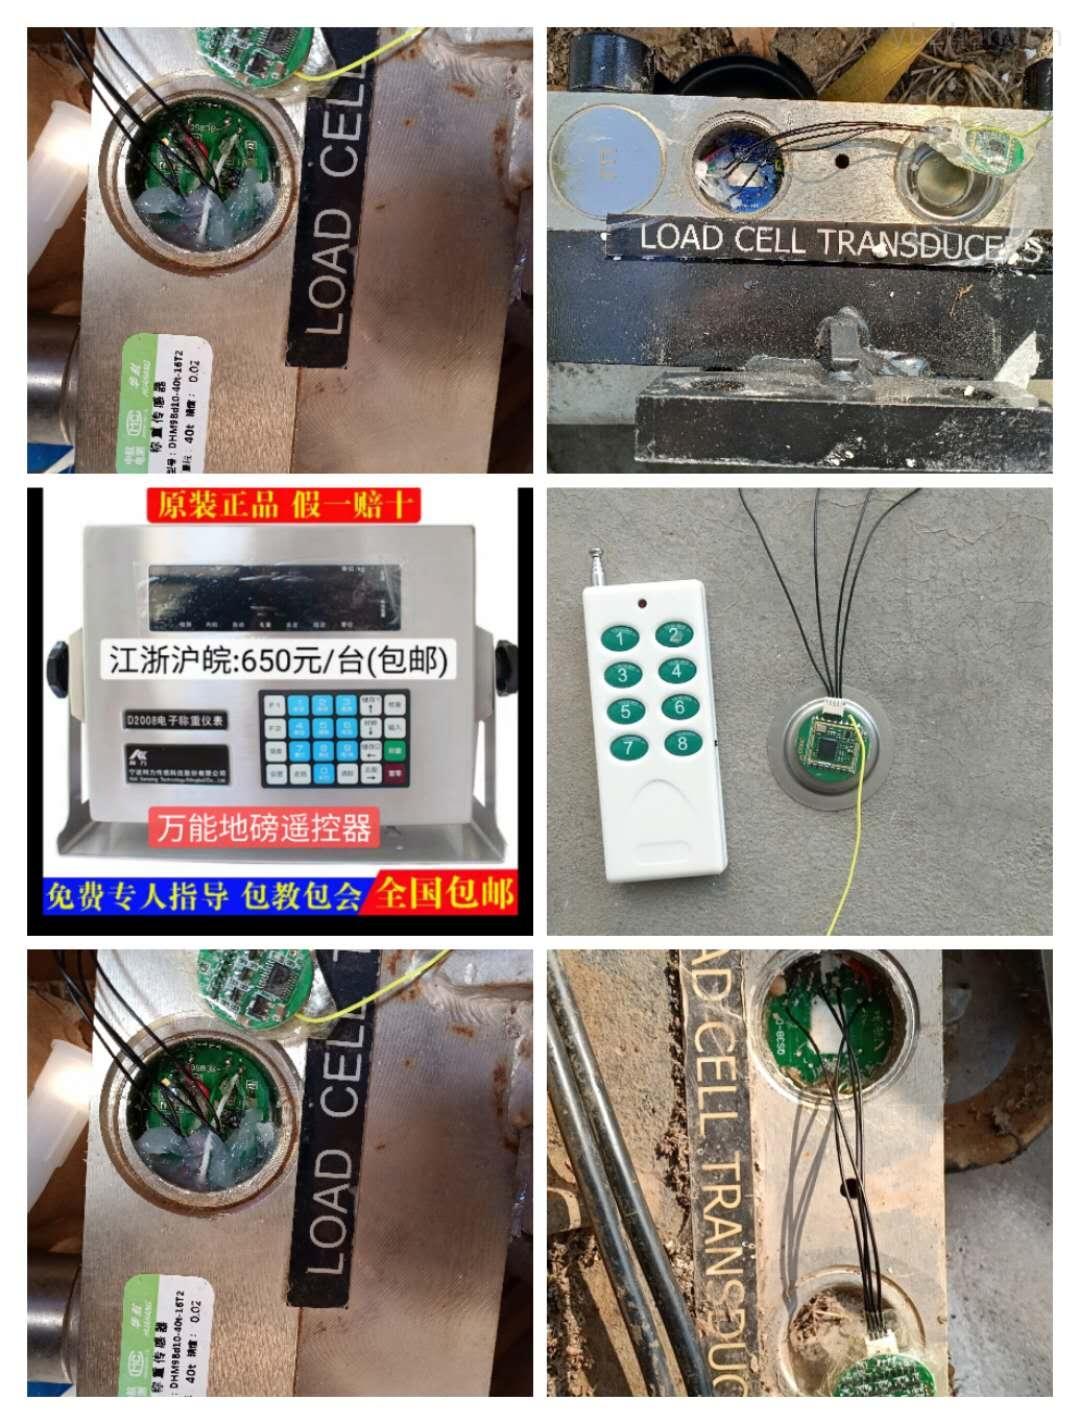 誰買過無線地磅萬能遙控器,我也想買一個